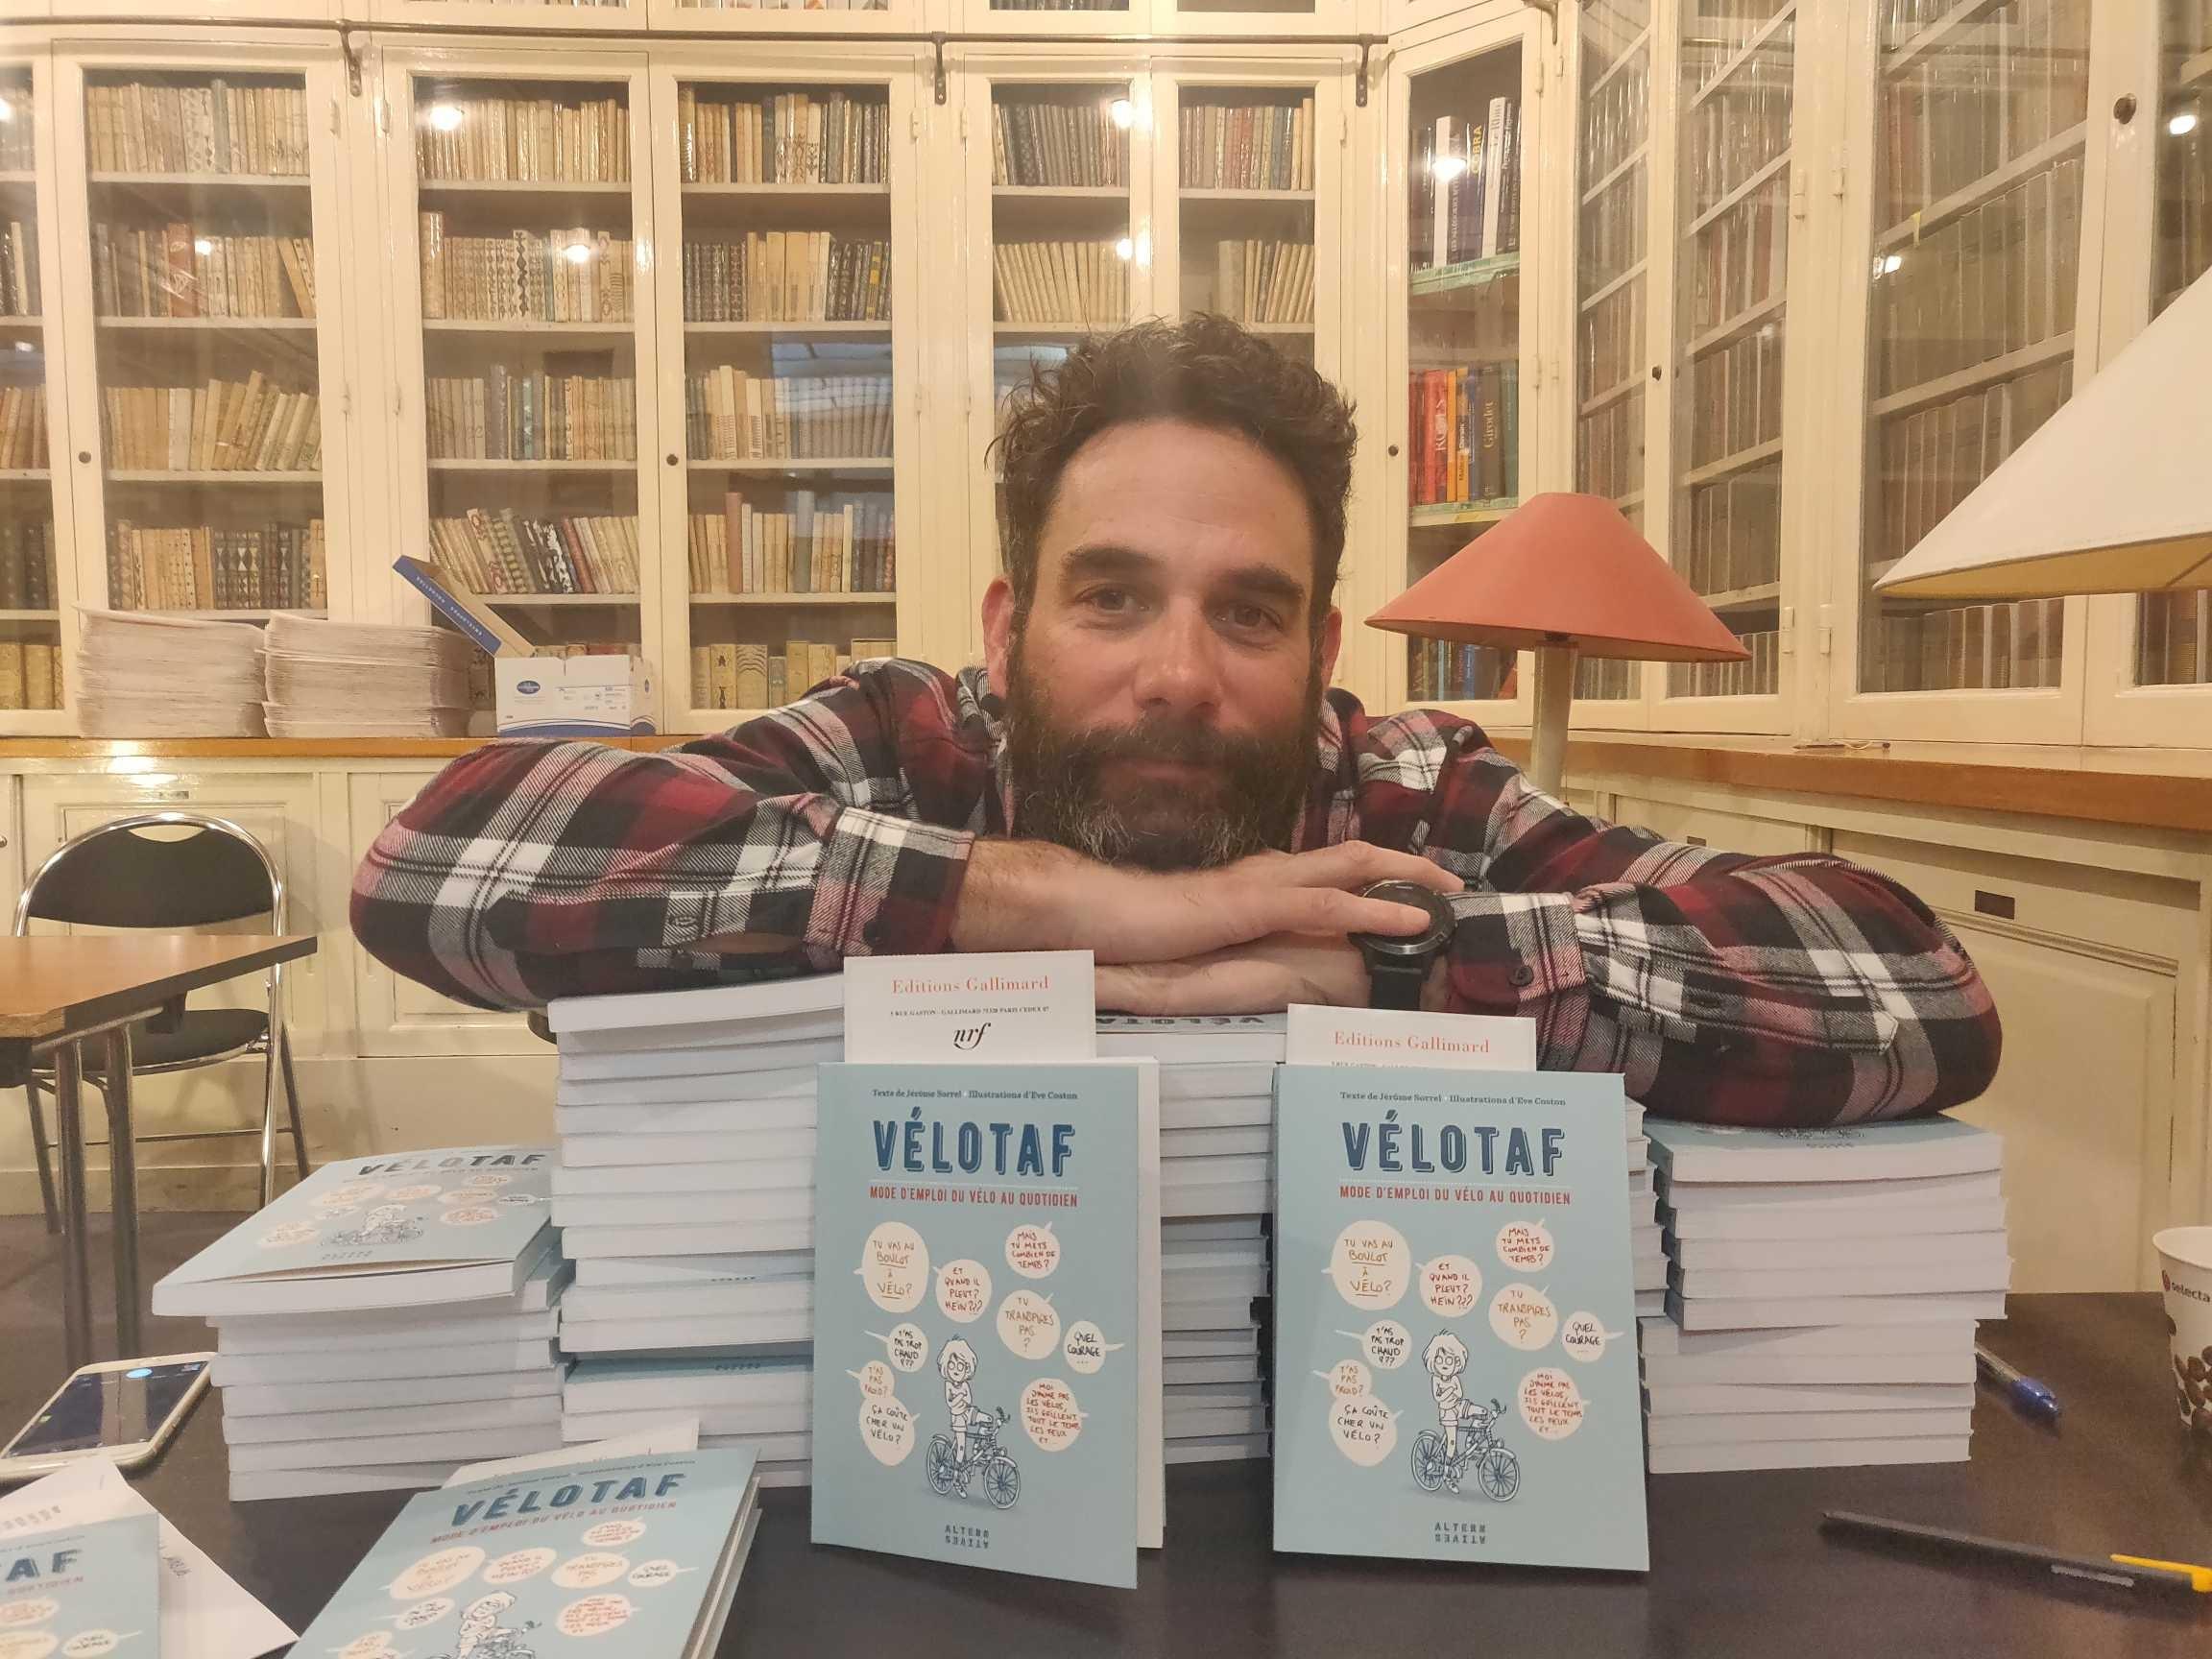 Dans son livre Jérôme Sorrel partage son expérience sur le vélotaf. ©DR